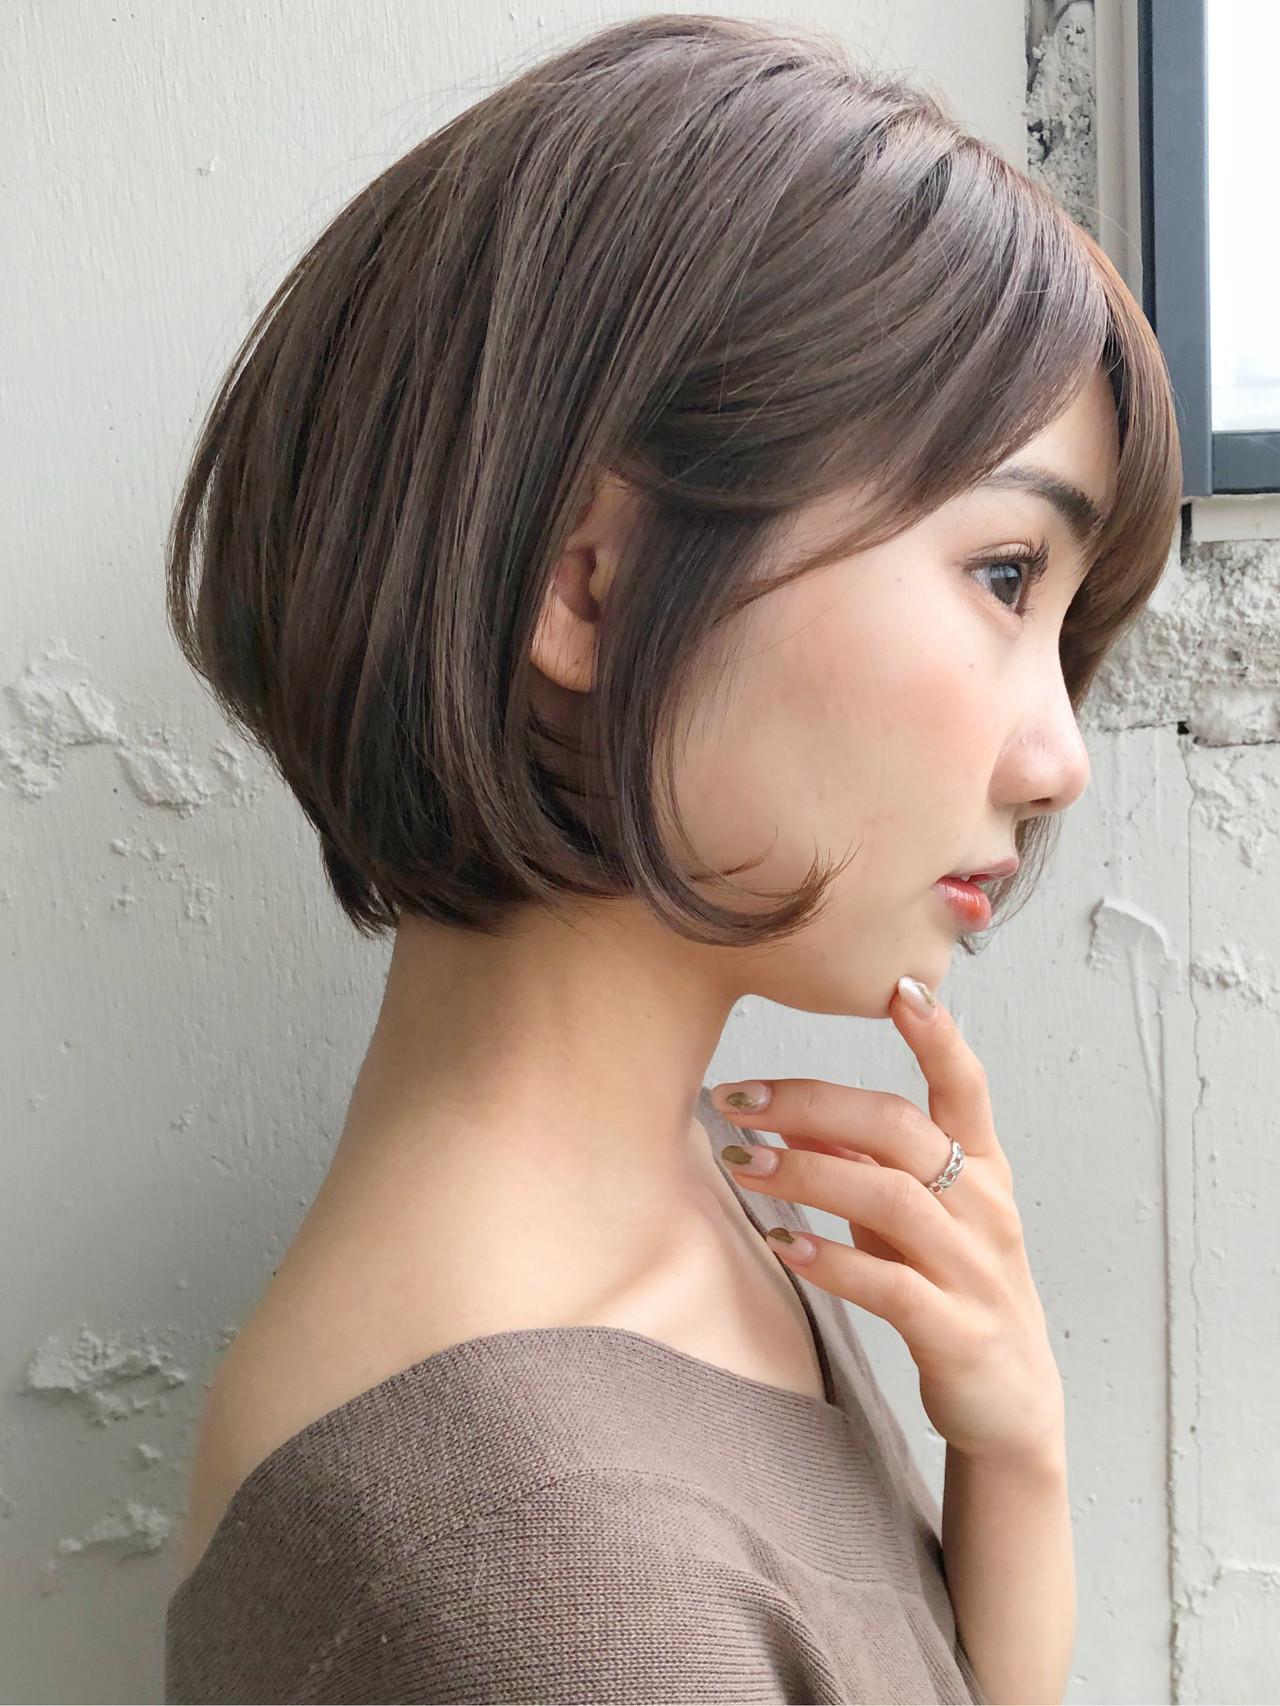 アンニュイほつれヘア ショート ショートヘア 前下がりショート ヘアスタイルや髪型の写真・画像